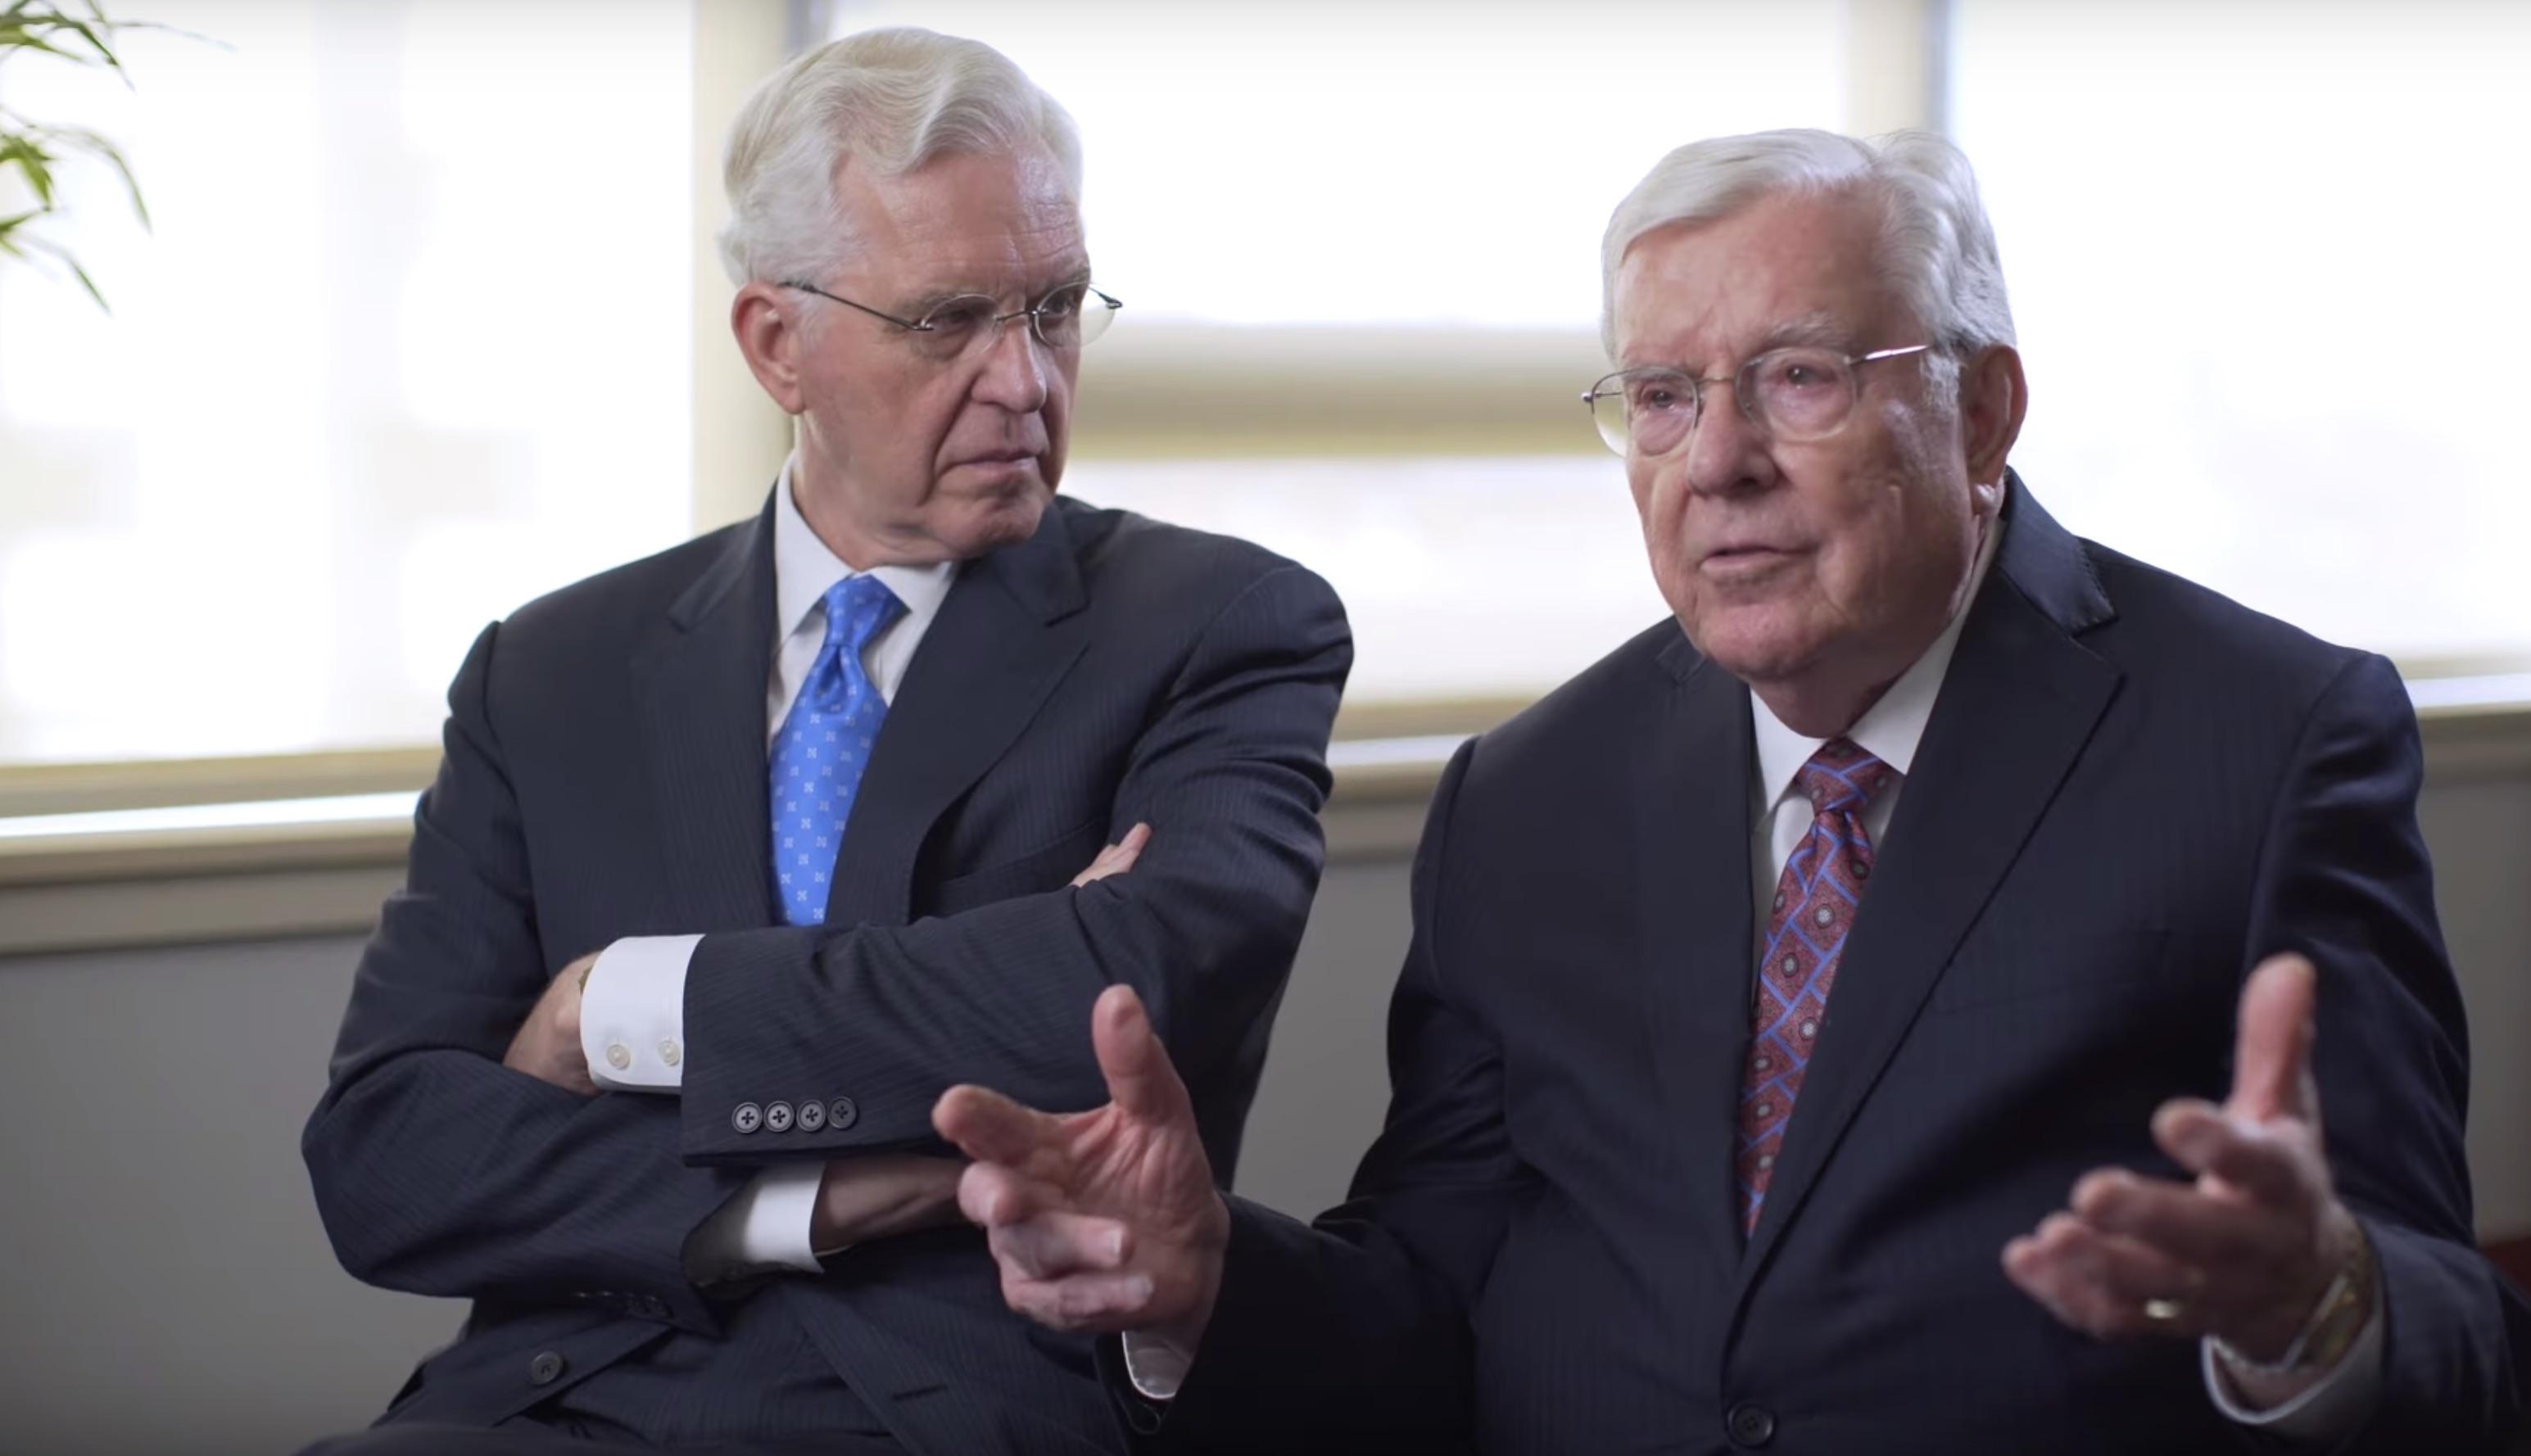 El élder D. Todd Christofferson, izquierda, y el presidente M. Russell Ballard, derecha, durante una entrevista en la que el presidente Ballard habla sobre su abuelo, el élder Melvin J. Ballard.